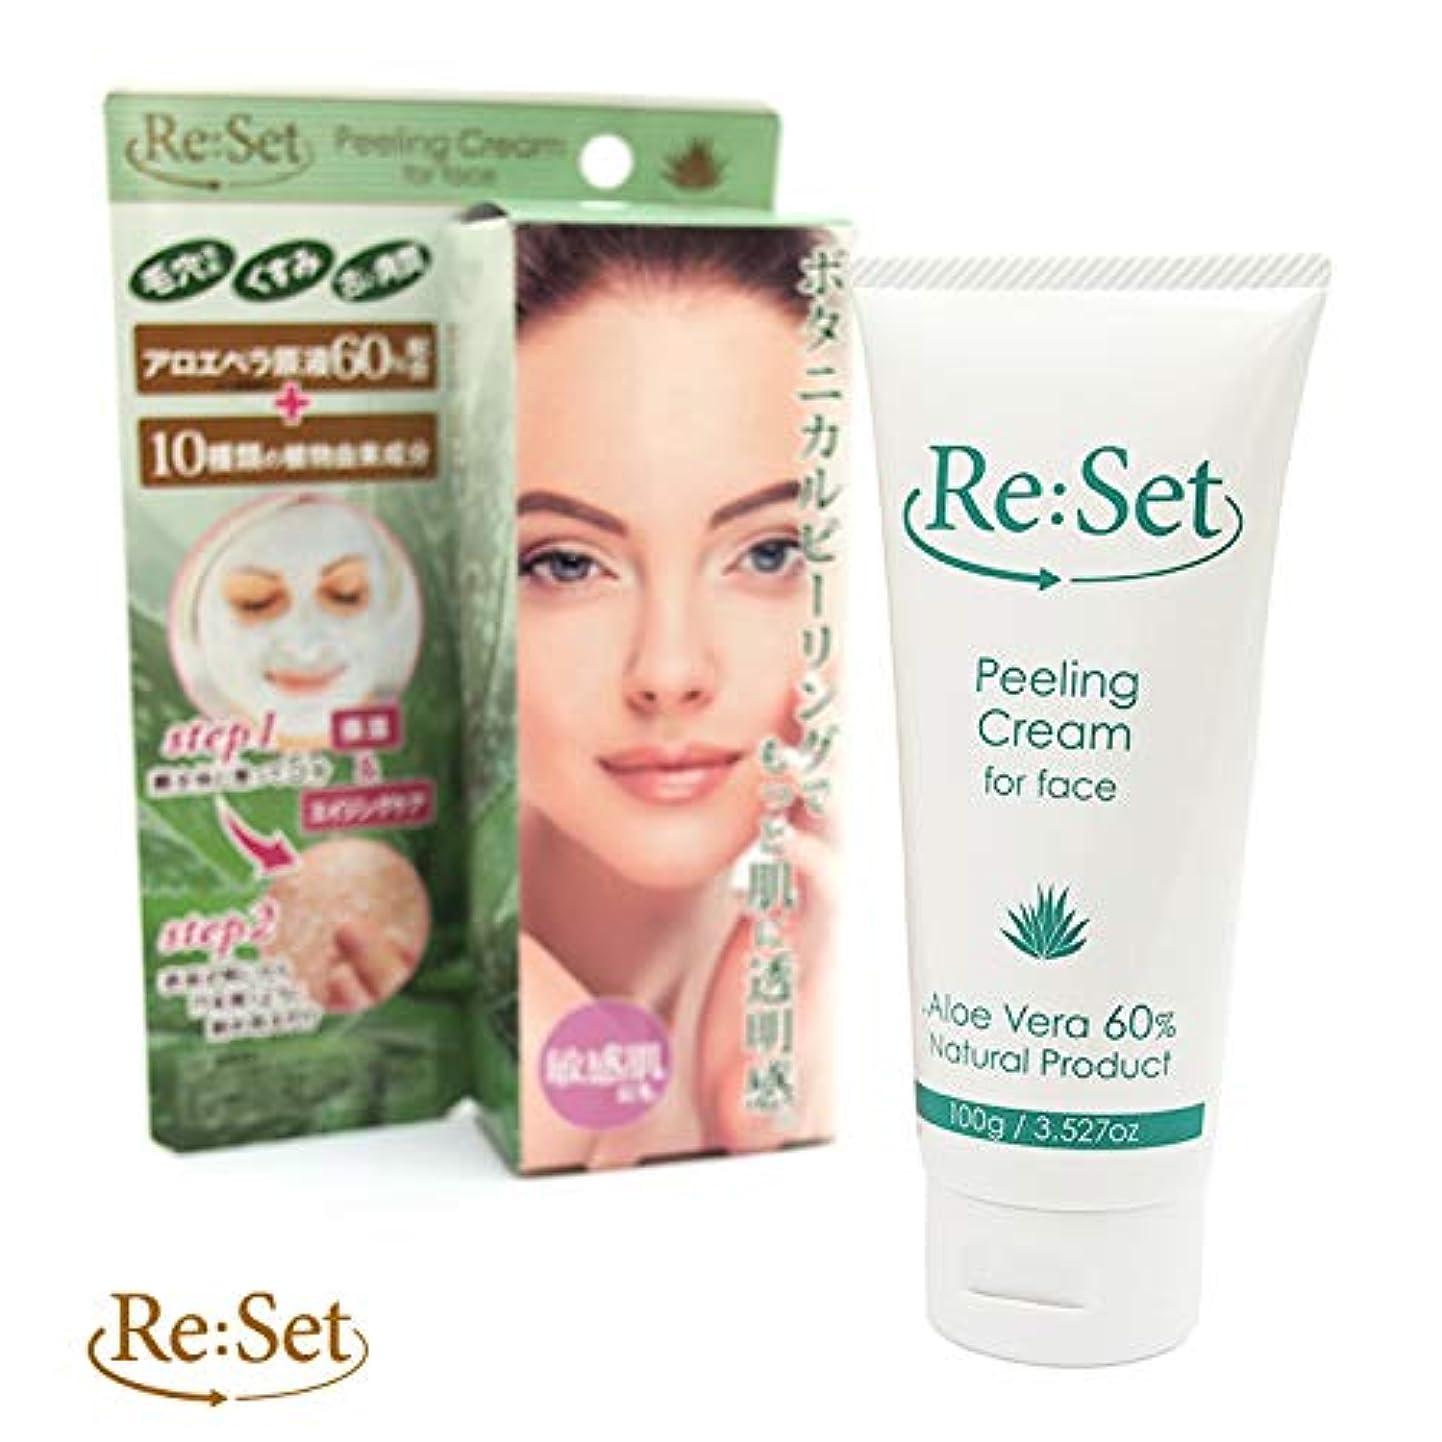 レパートリー皮肉な通貨Re:Set(リセット) 顔専用ピーリングクリーム